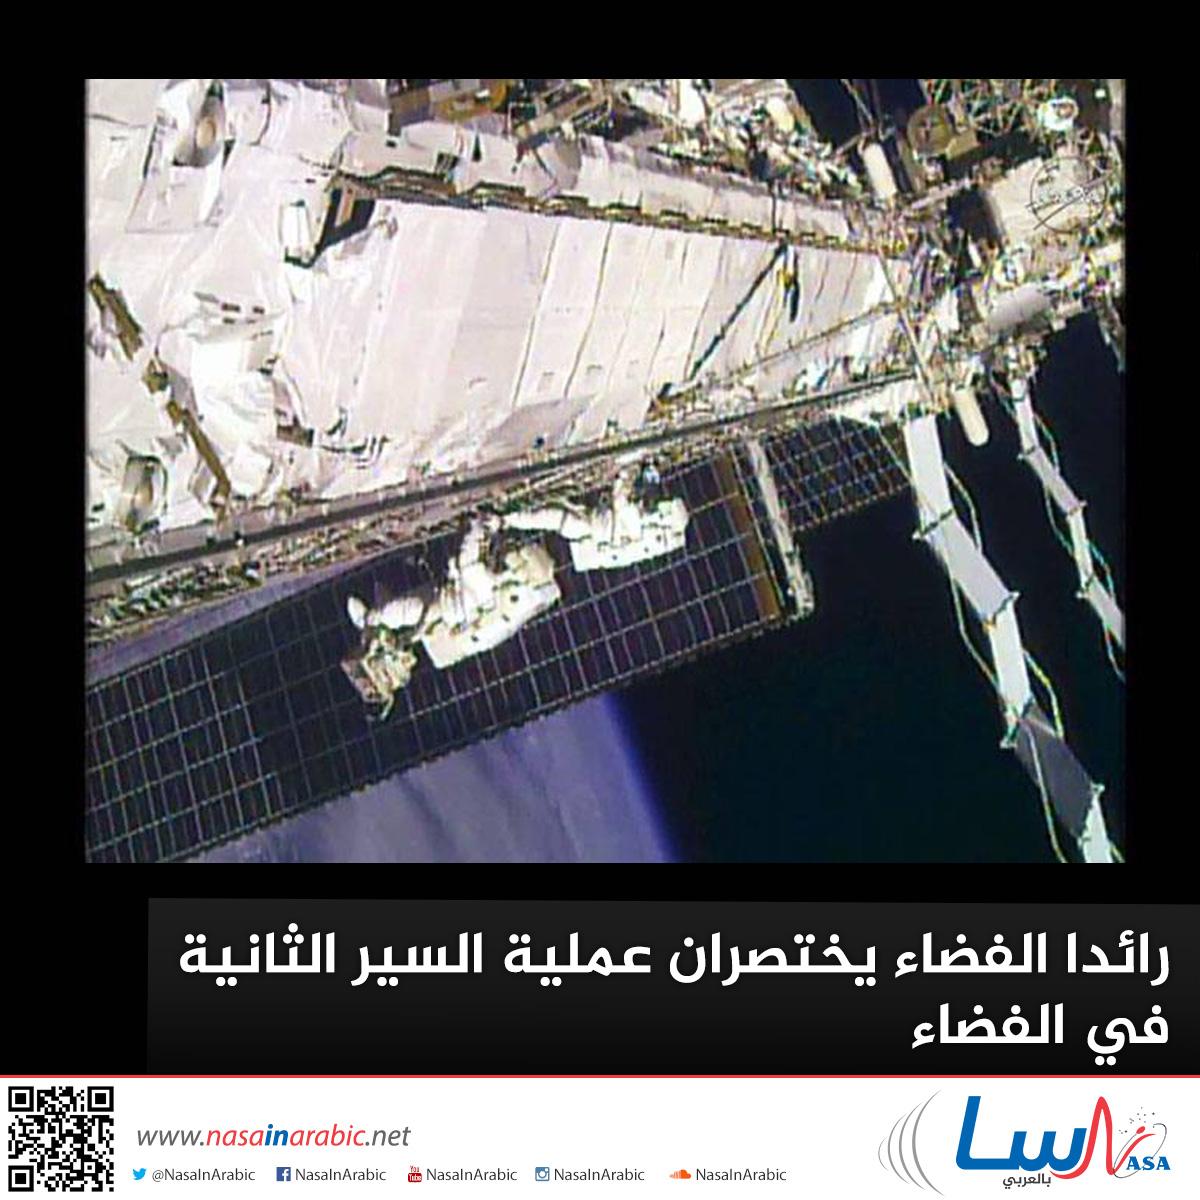 رائدا الفضاء يختصران عملية السير الثانية في الفضاء